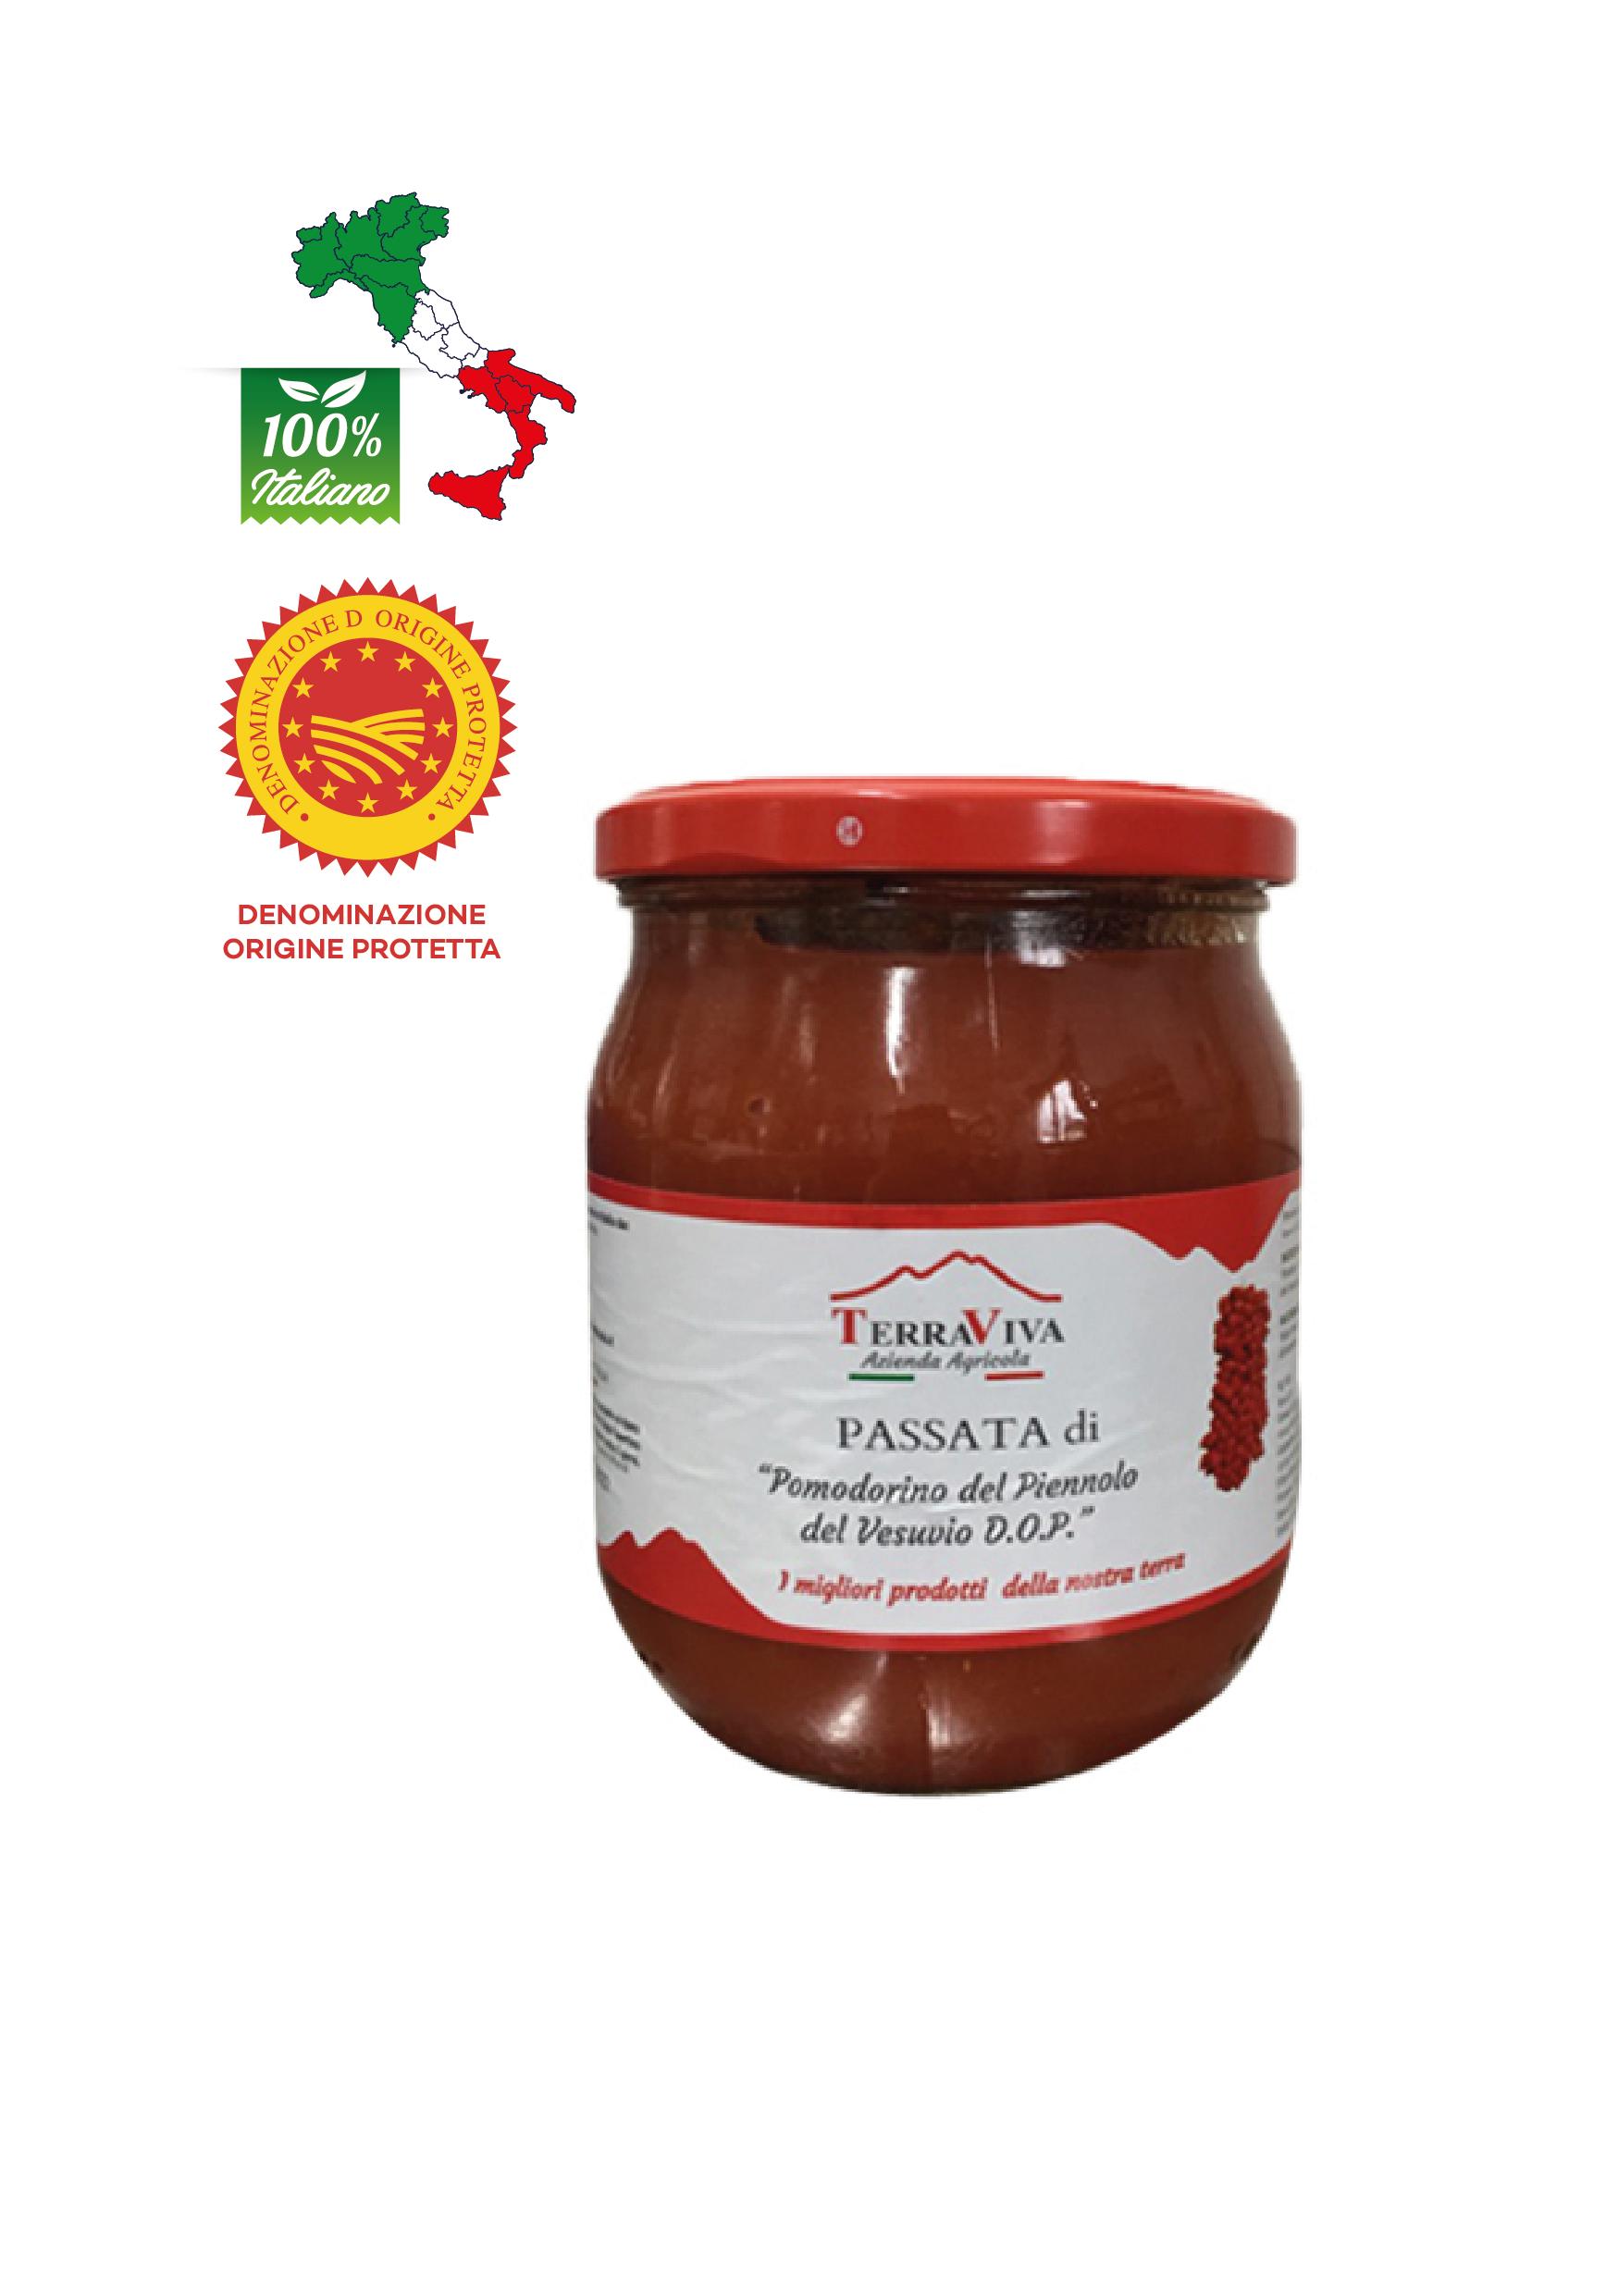 Passata di Pomodorini del Piennolo DOP gr 500